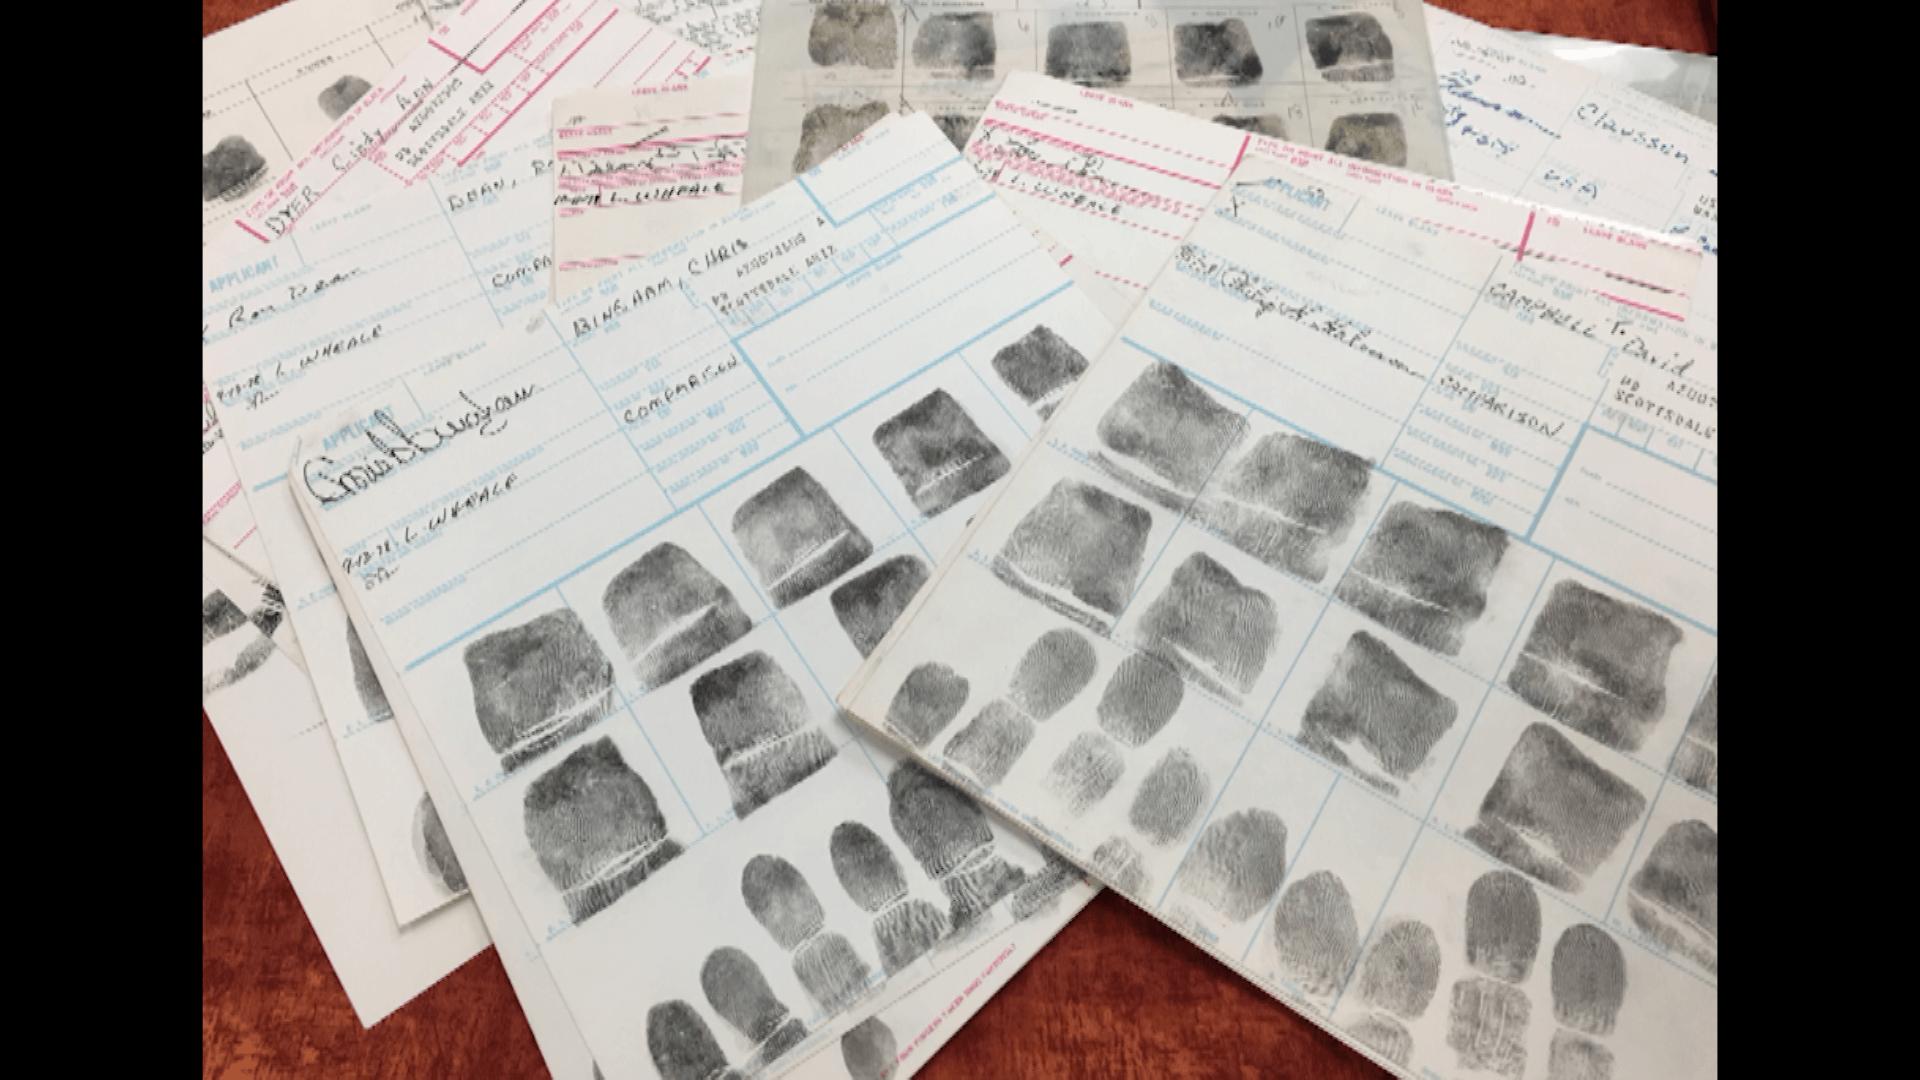 Fingerprints from the crime scene.